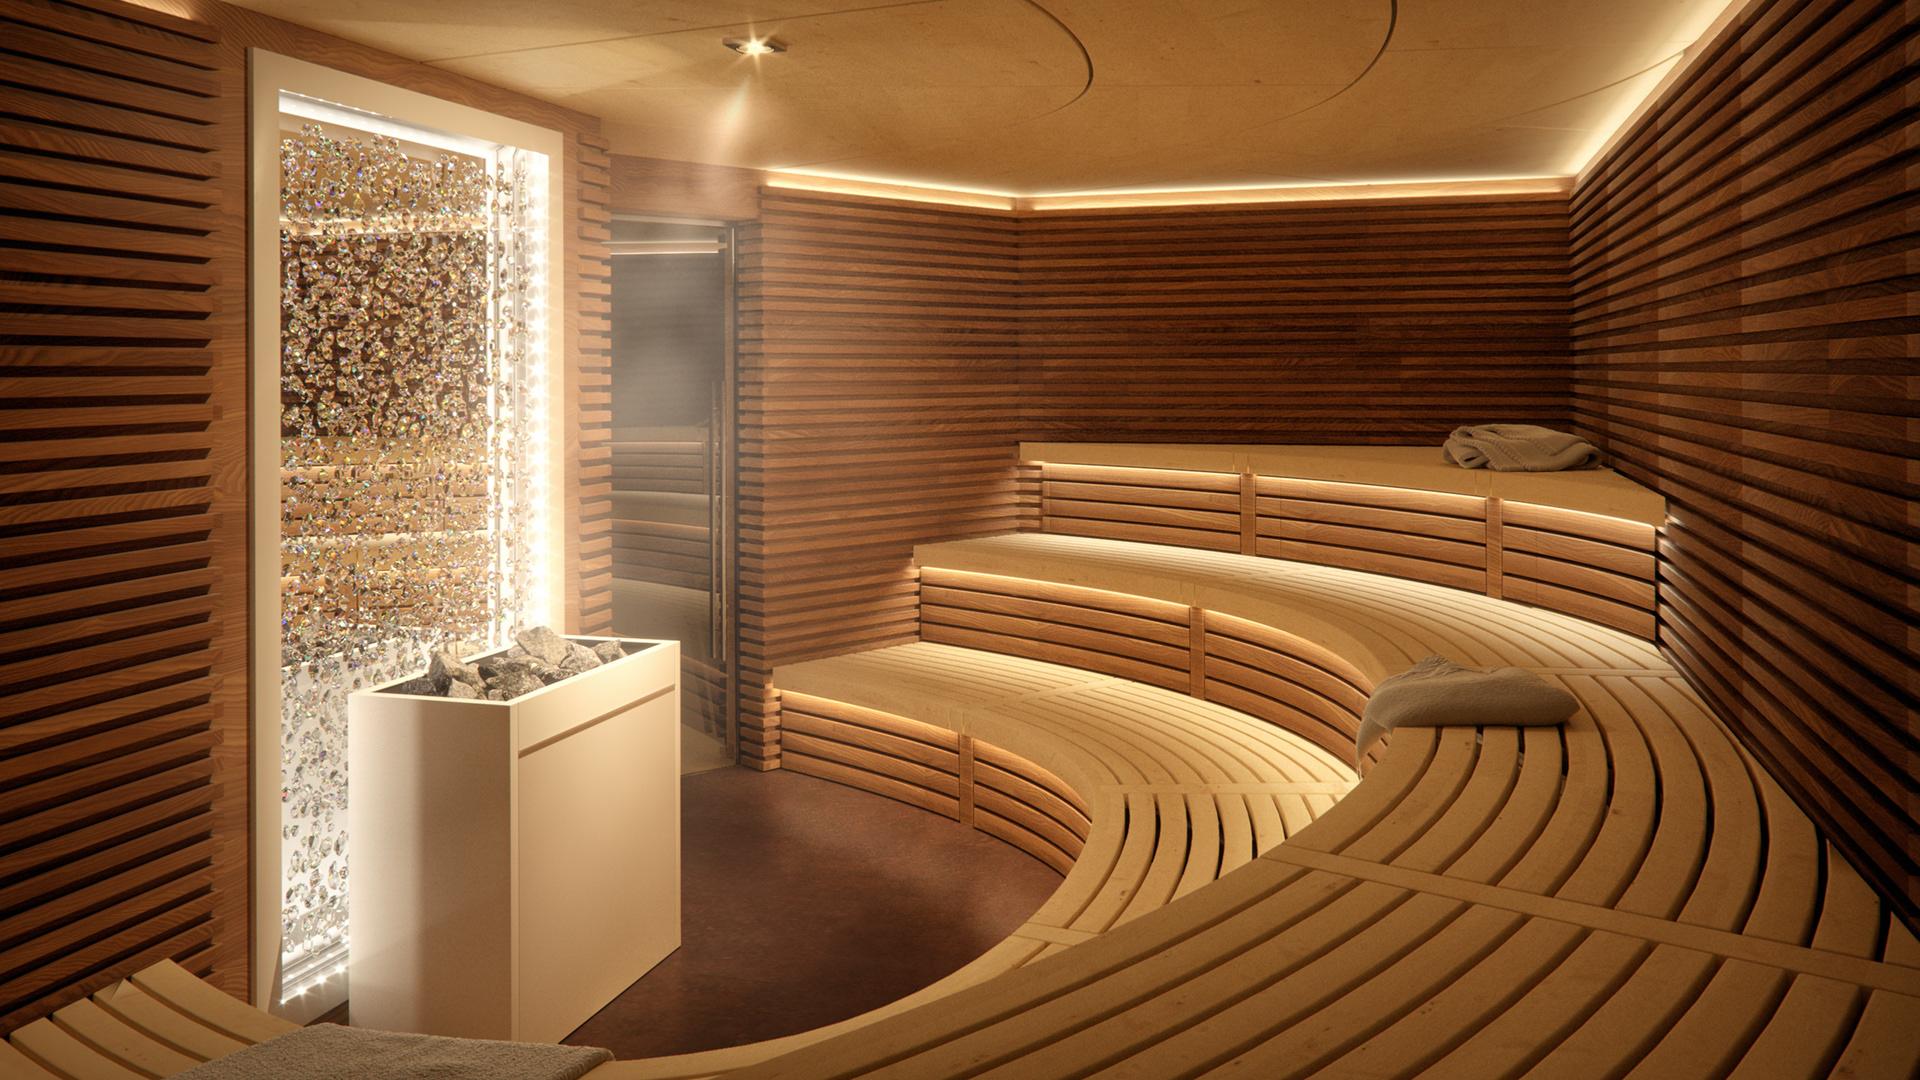 Фото подборка самых красивых бань: современный взгляд на архитектуру и экстерьер парных